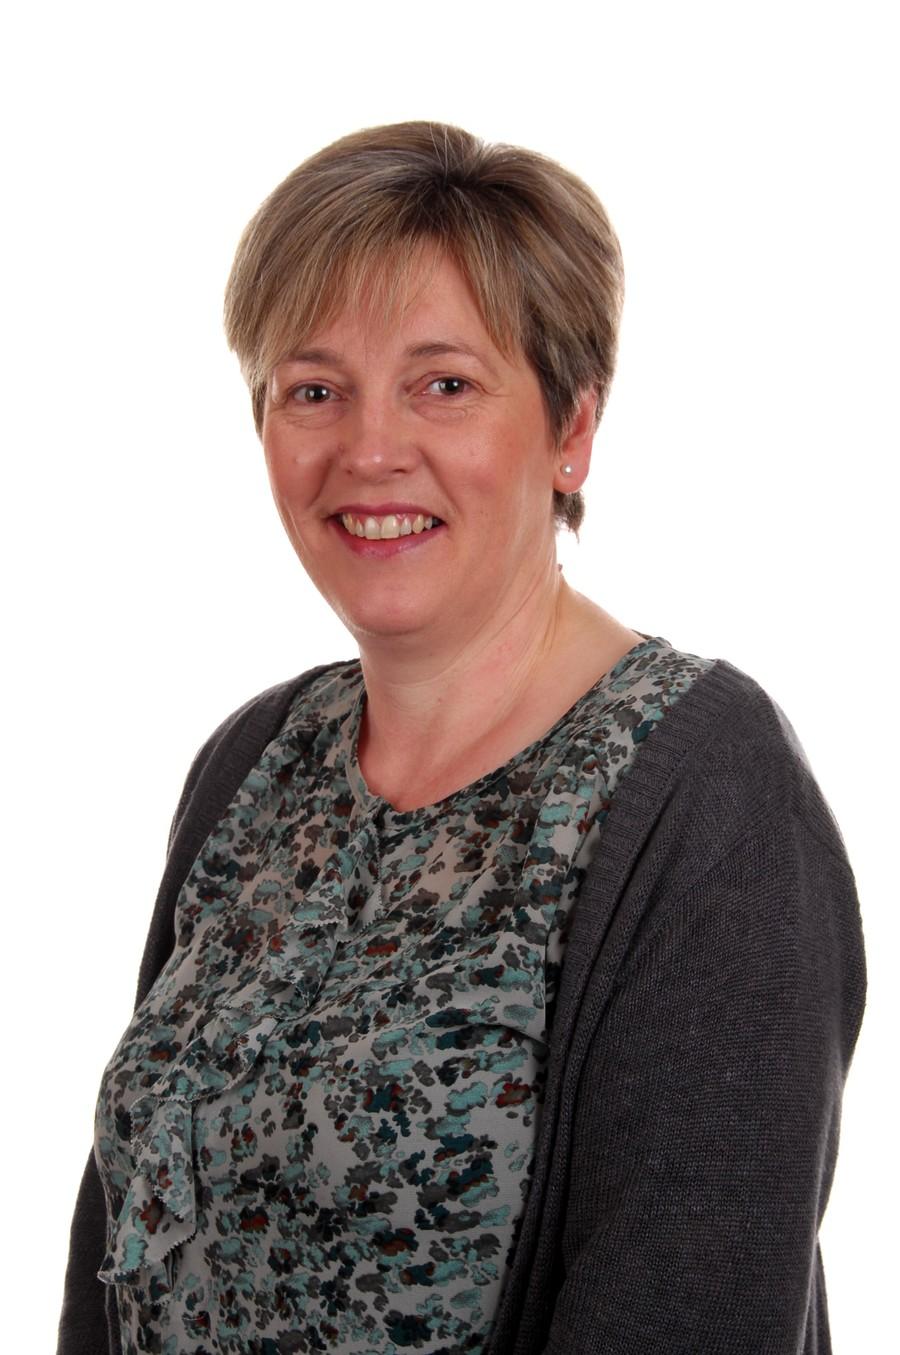 Mrs McPoland